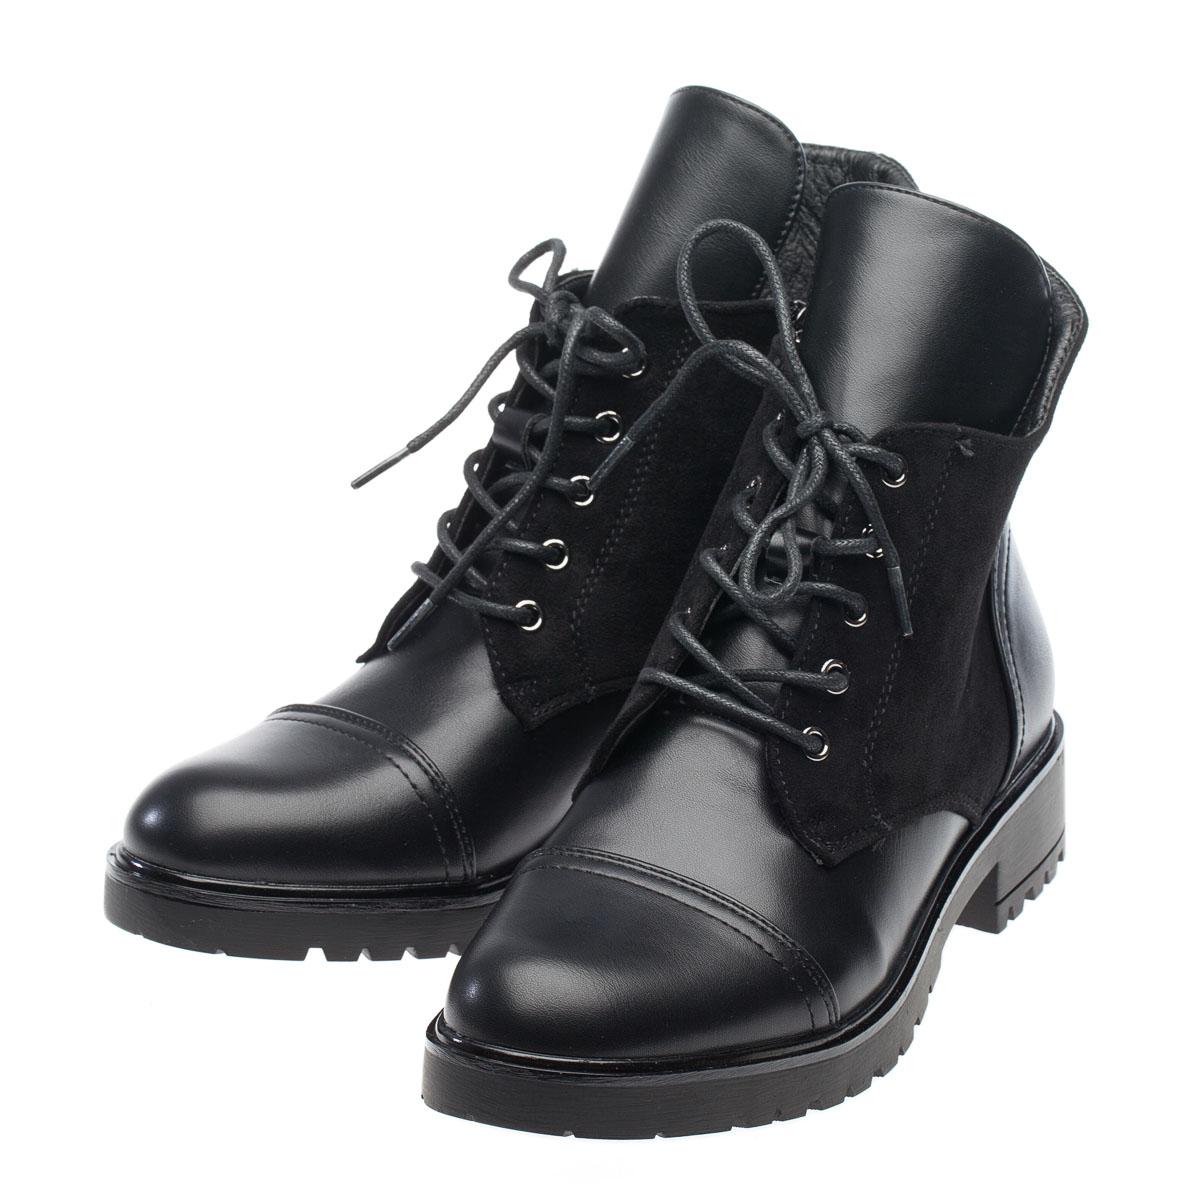 Фото - Ботинки демисезонные FERTO, S1058-1 ботинки демисезонные ferto skl 008